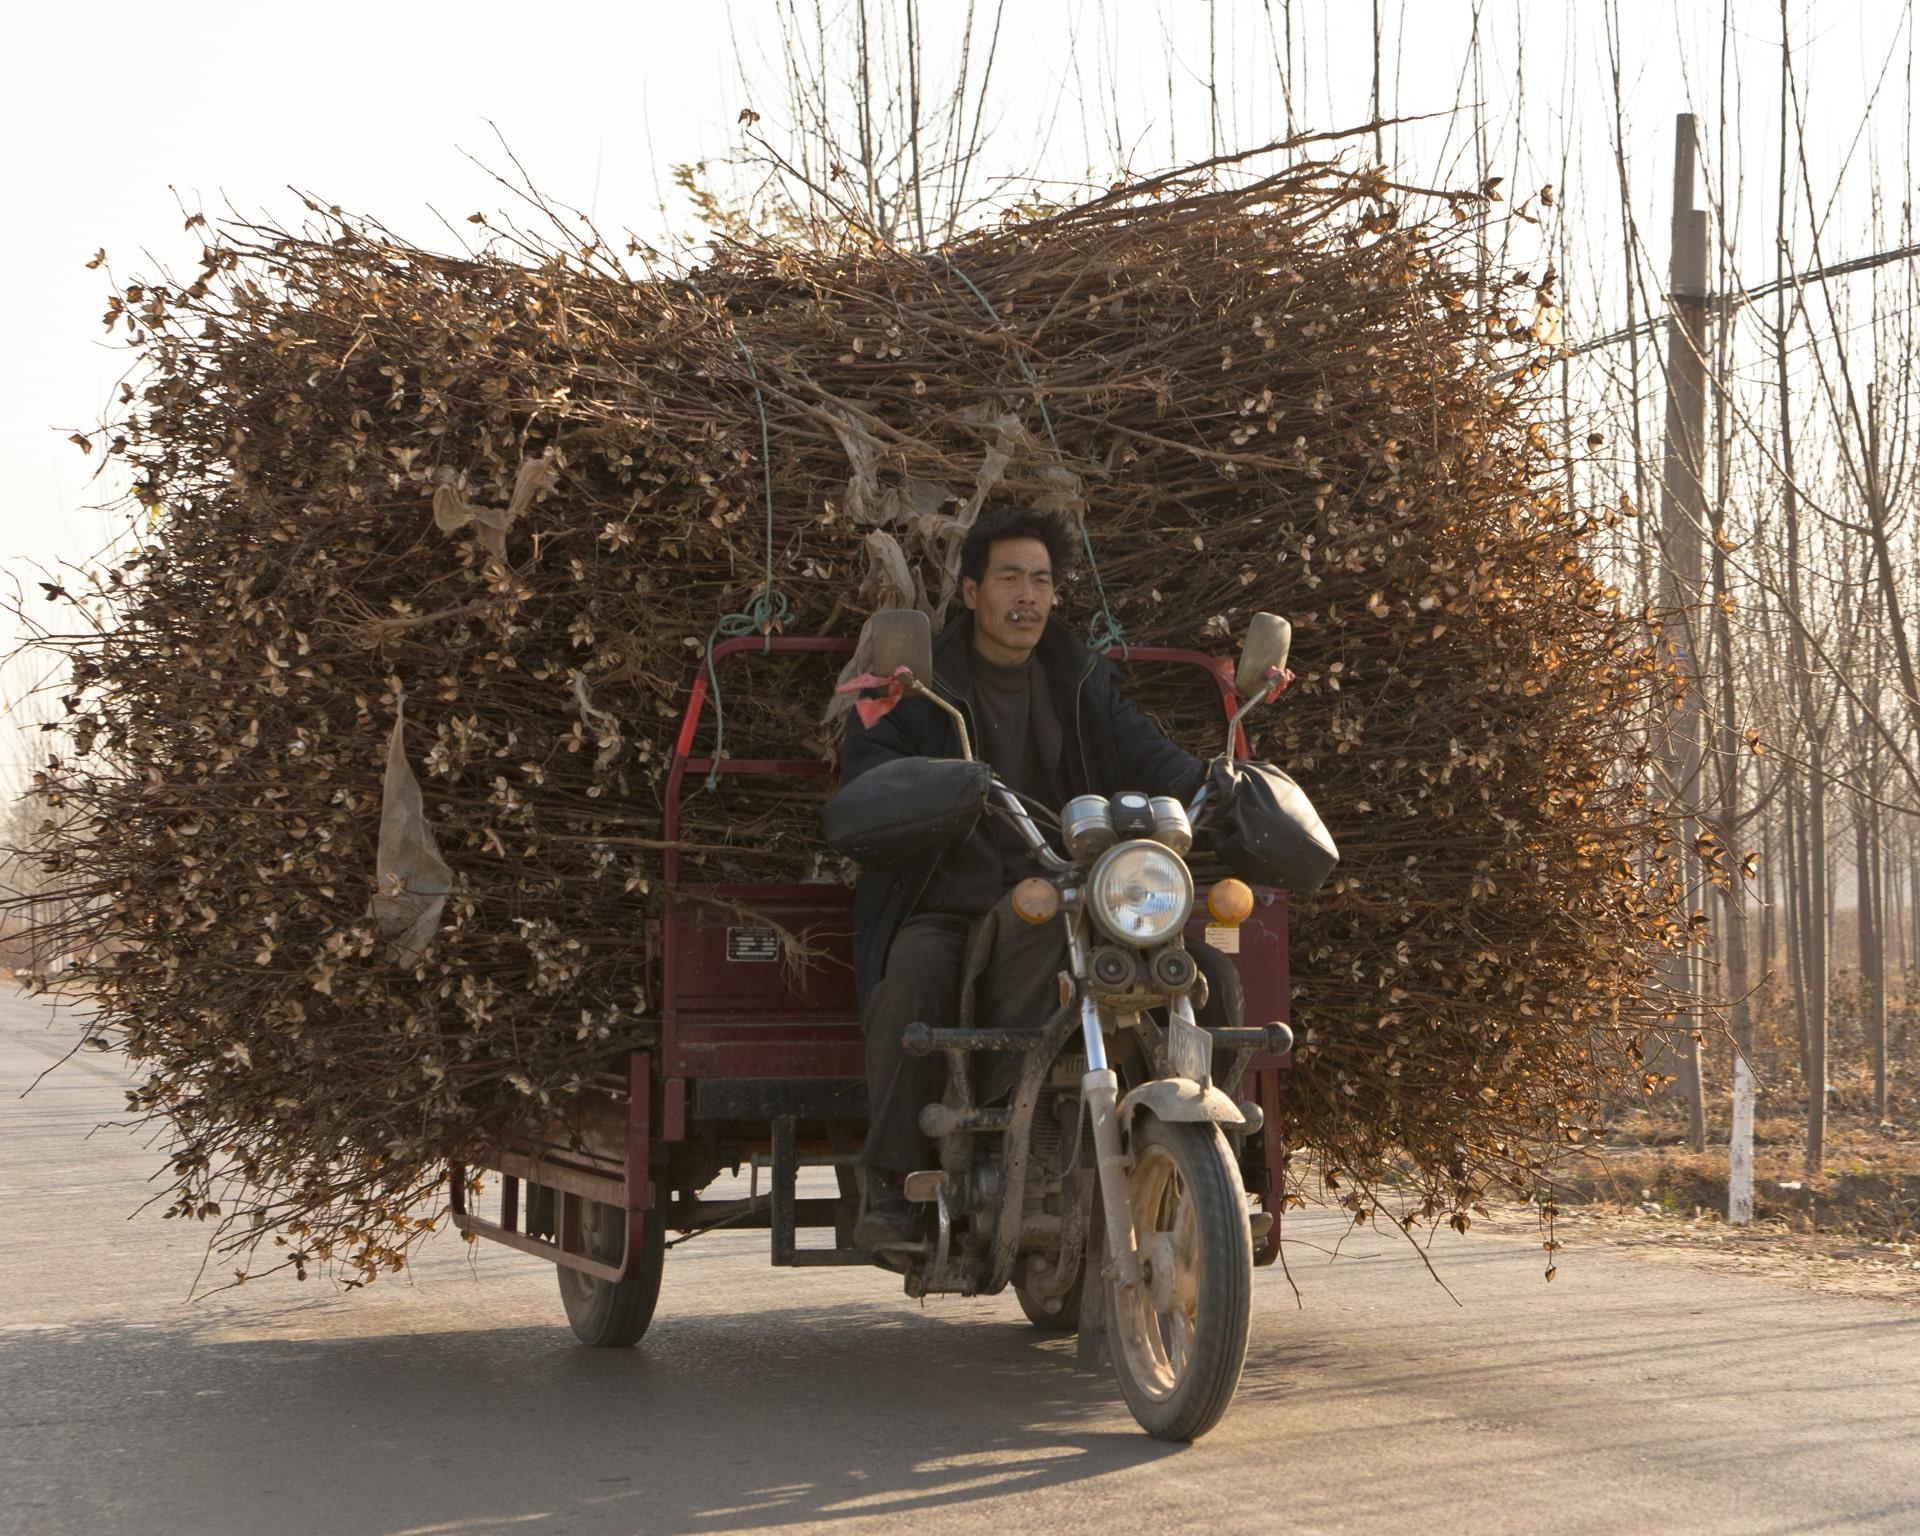 BOXING, CHINA – NOVEMBER 12, 2010